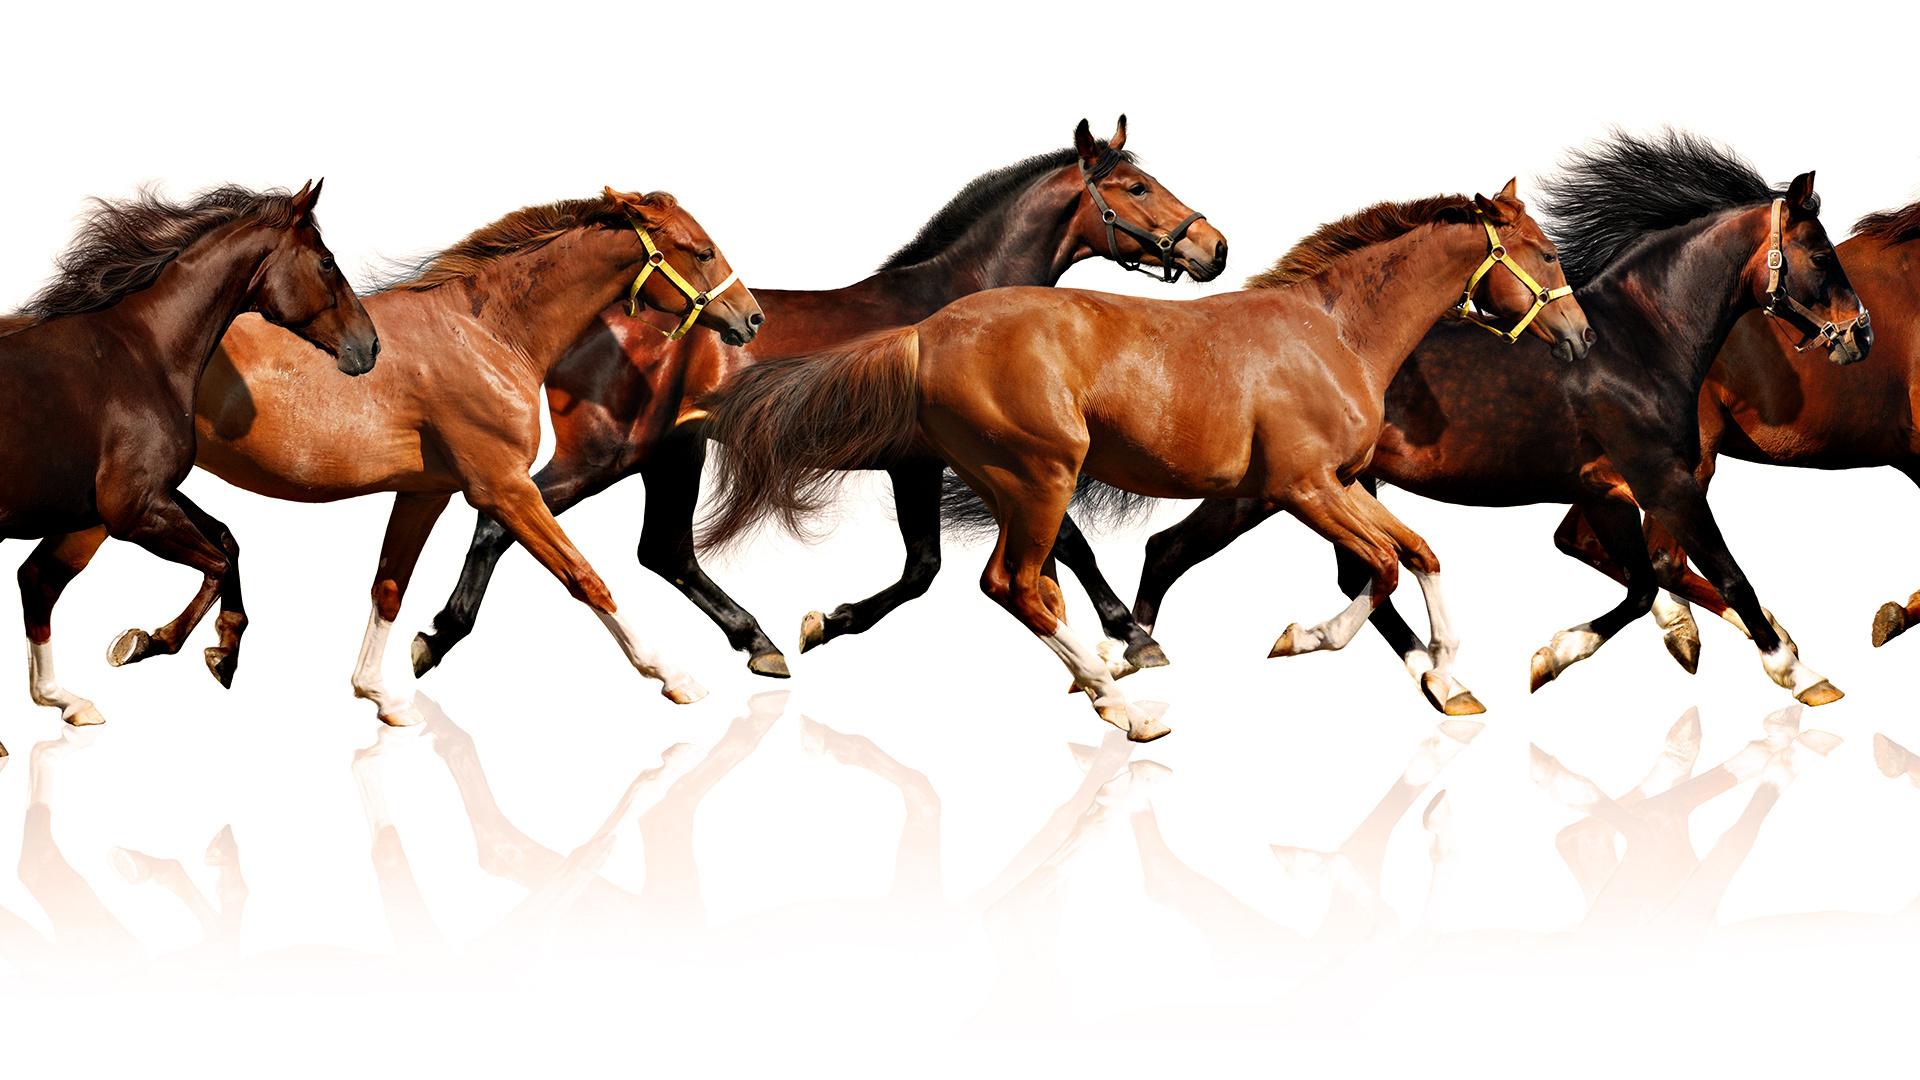 7 White Running Horse Wallpaper Gaurani Almightywind Info